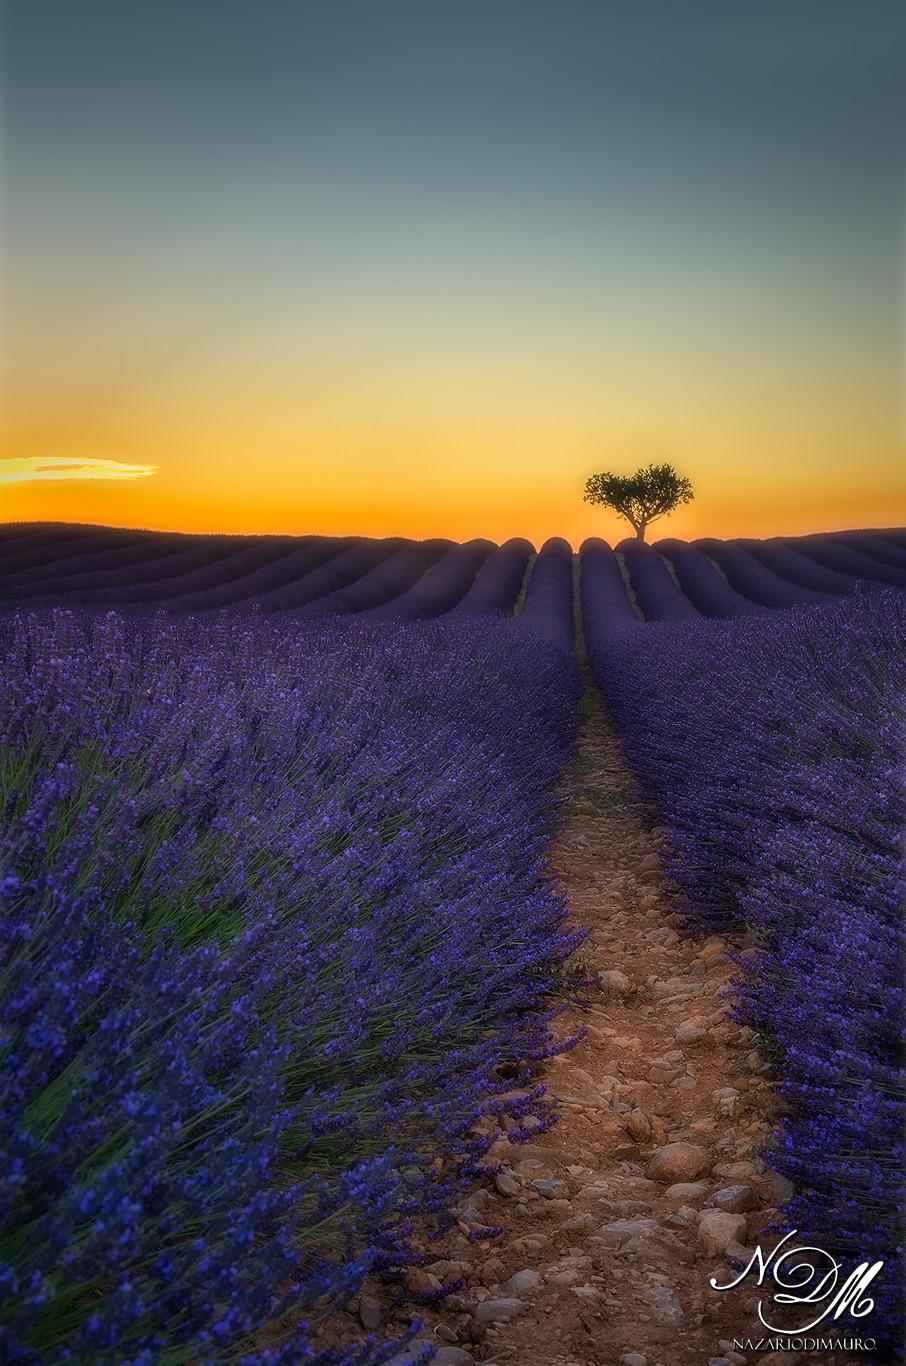 The lavender magic ......